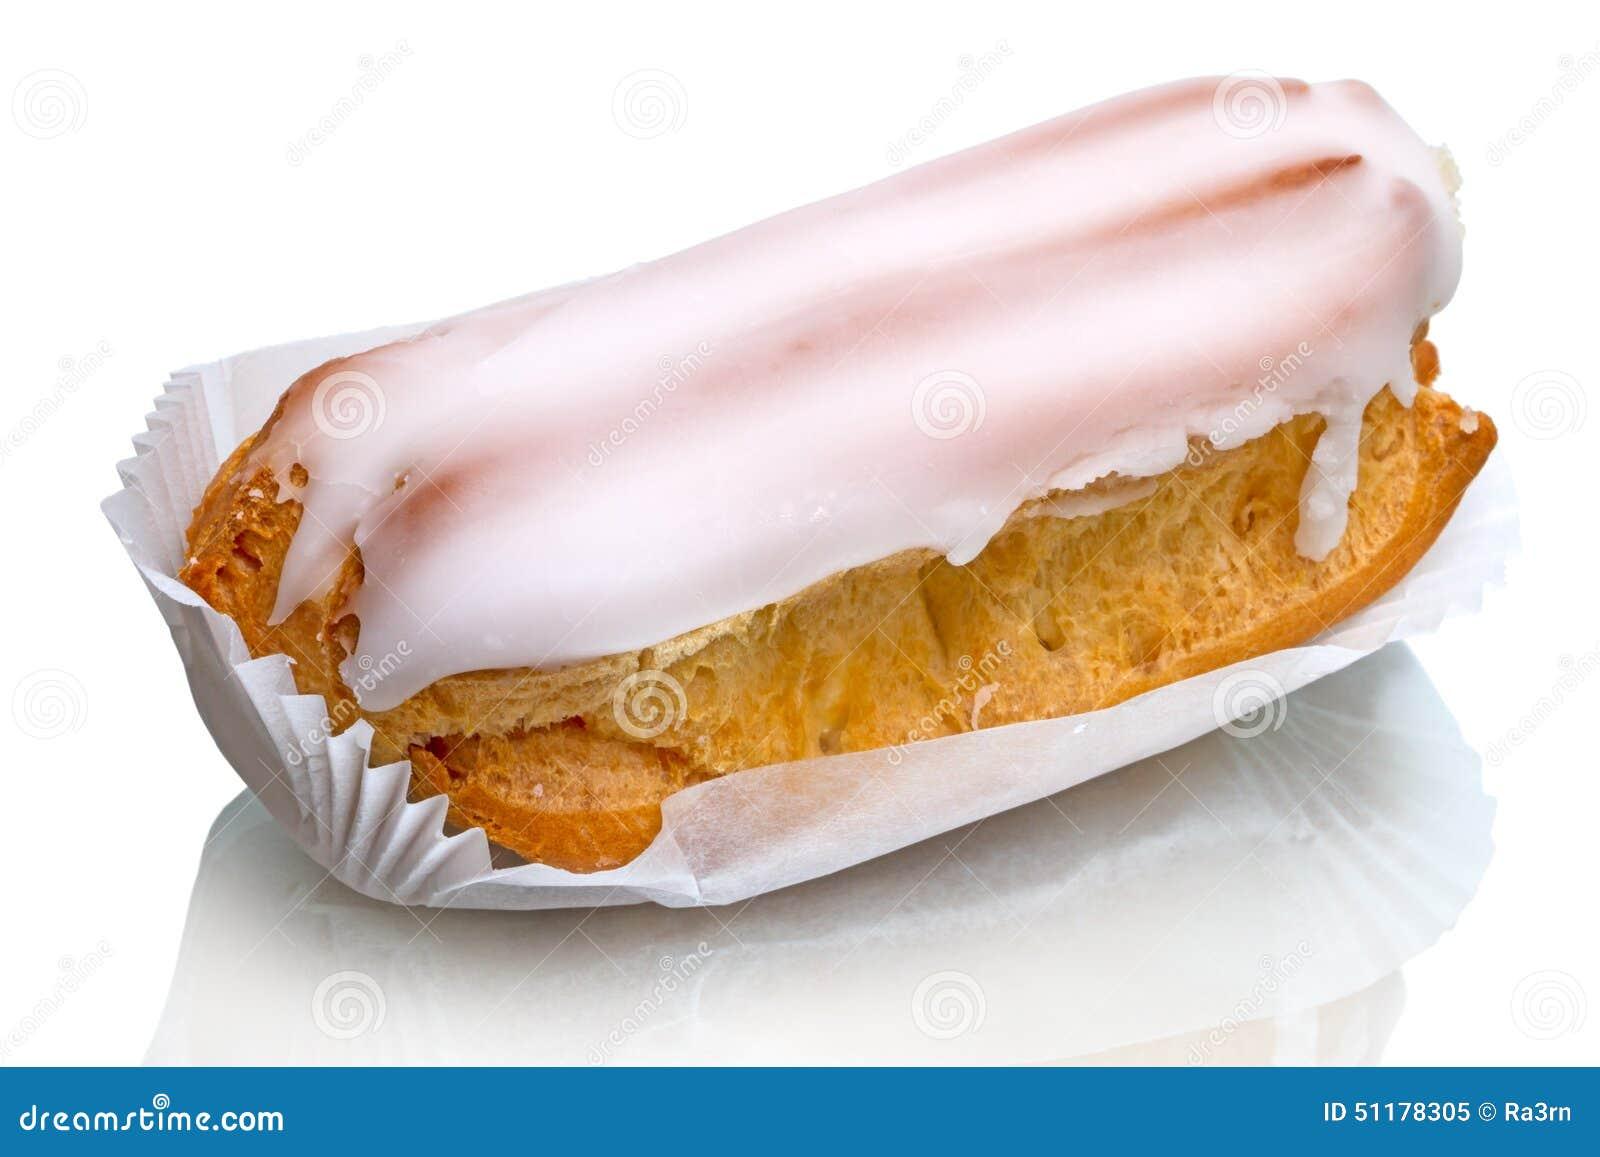 Eclair cake on white